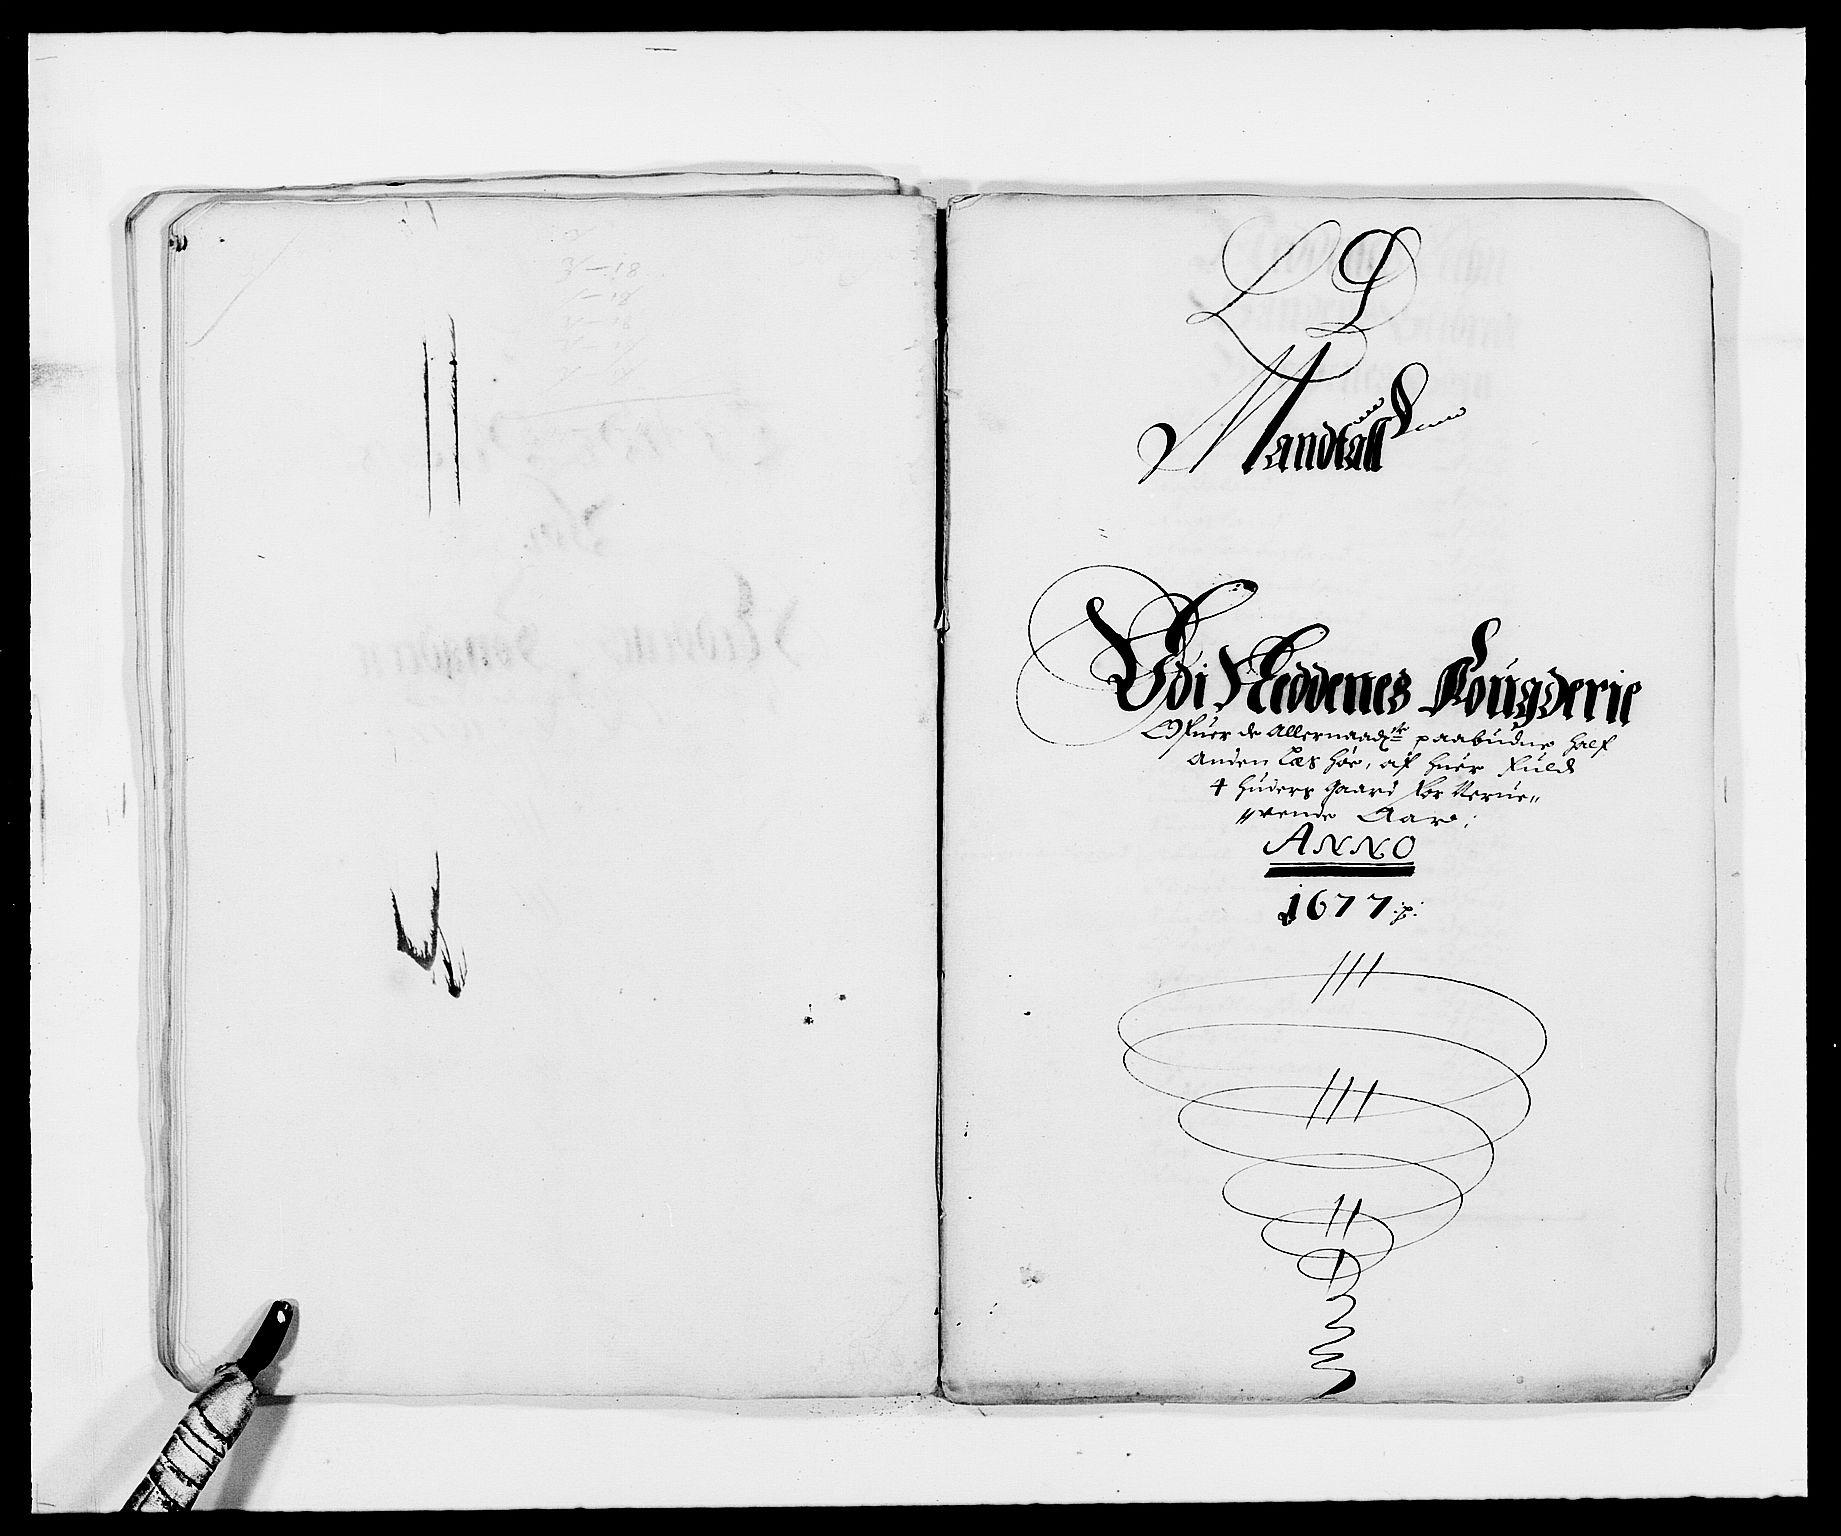 RA, Rentekammeret inntil 1814, Reviderte regnskaper, Fogderegnskap, R39/L2302: Fogderegnskap Nedenes, 1677-1678, s. 93